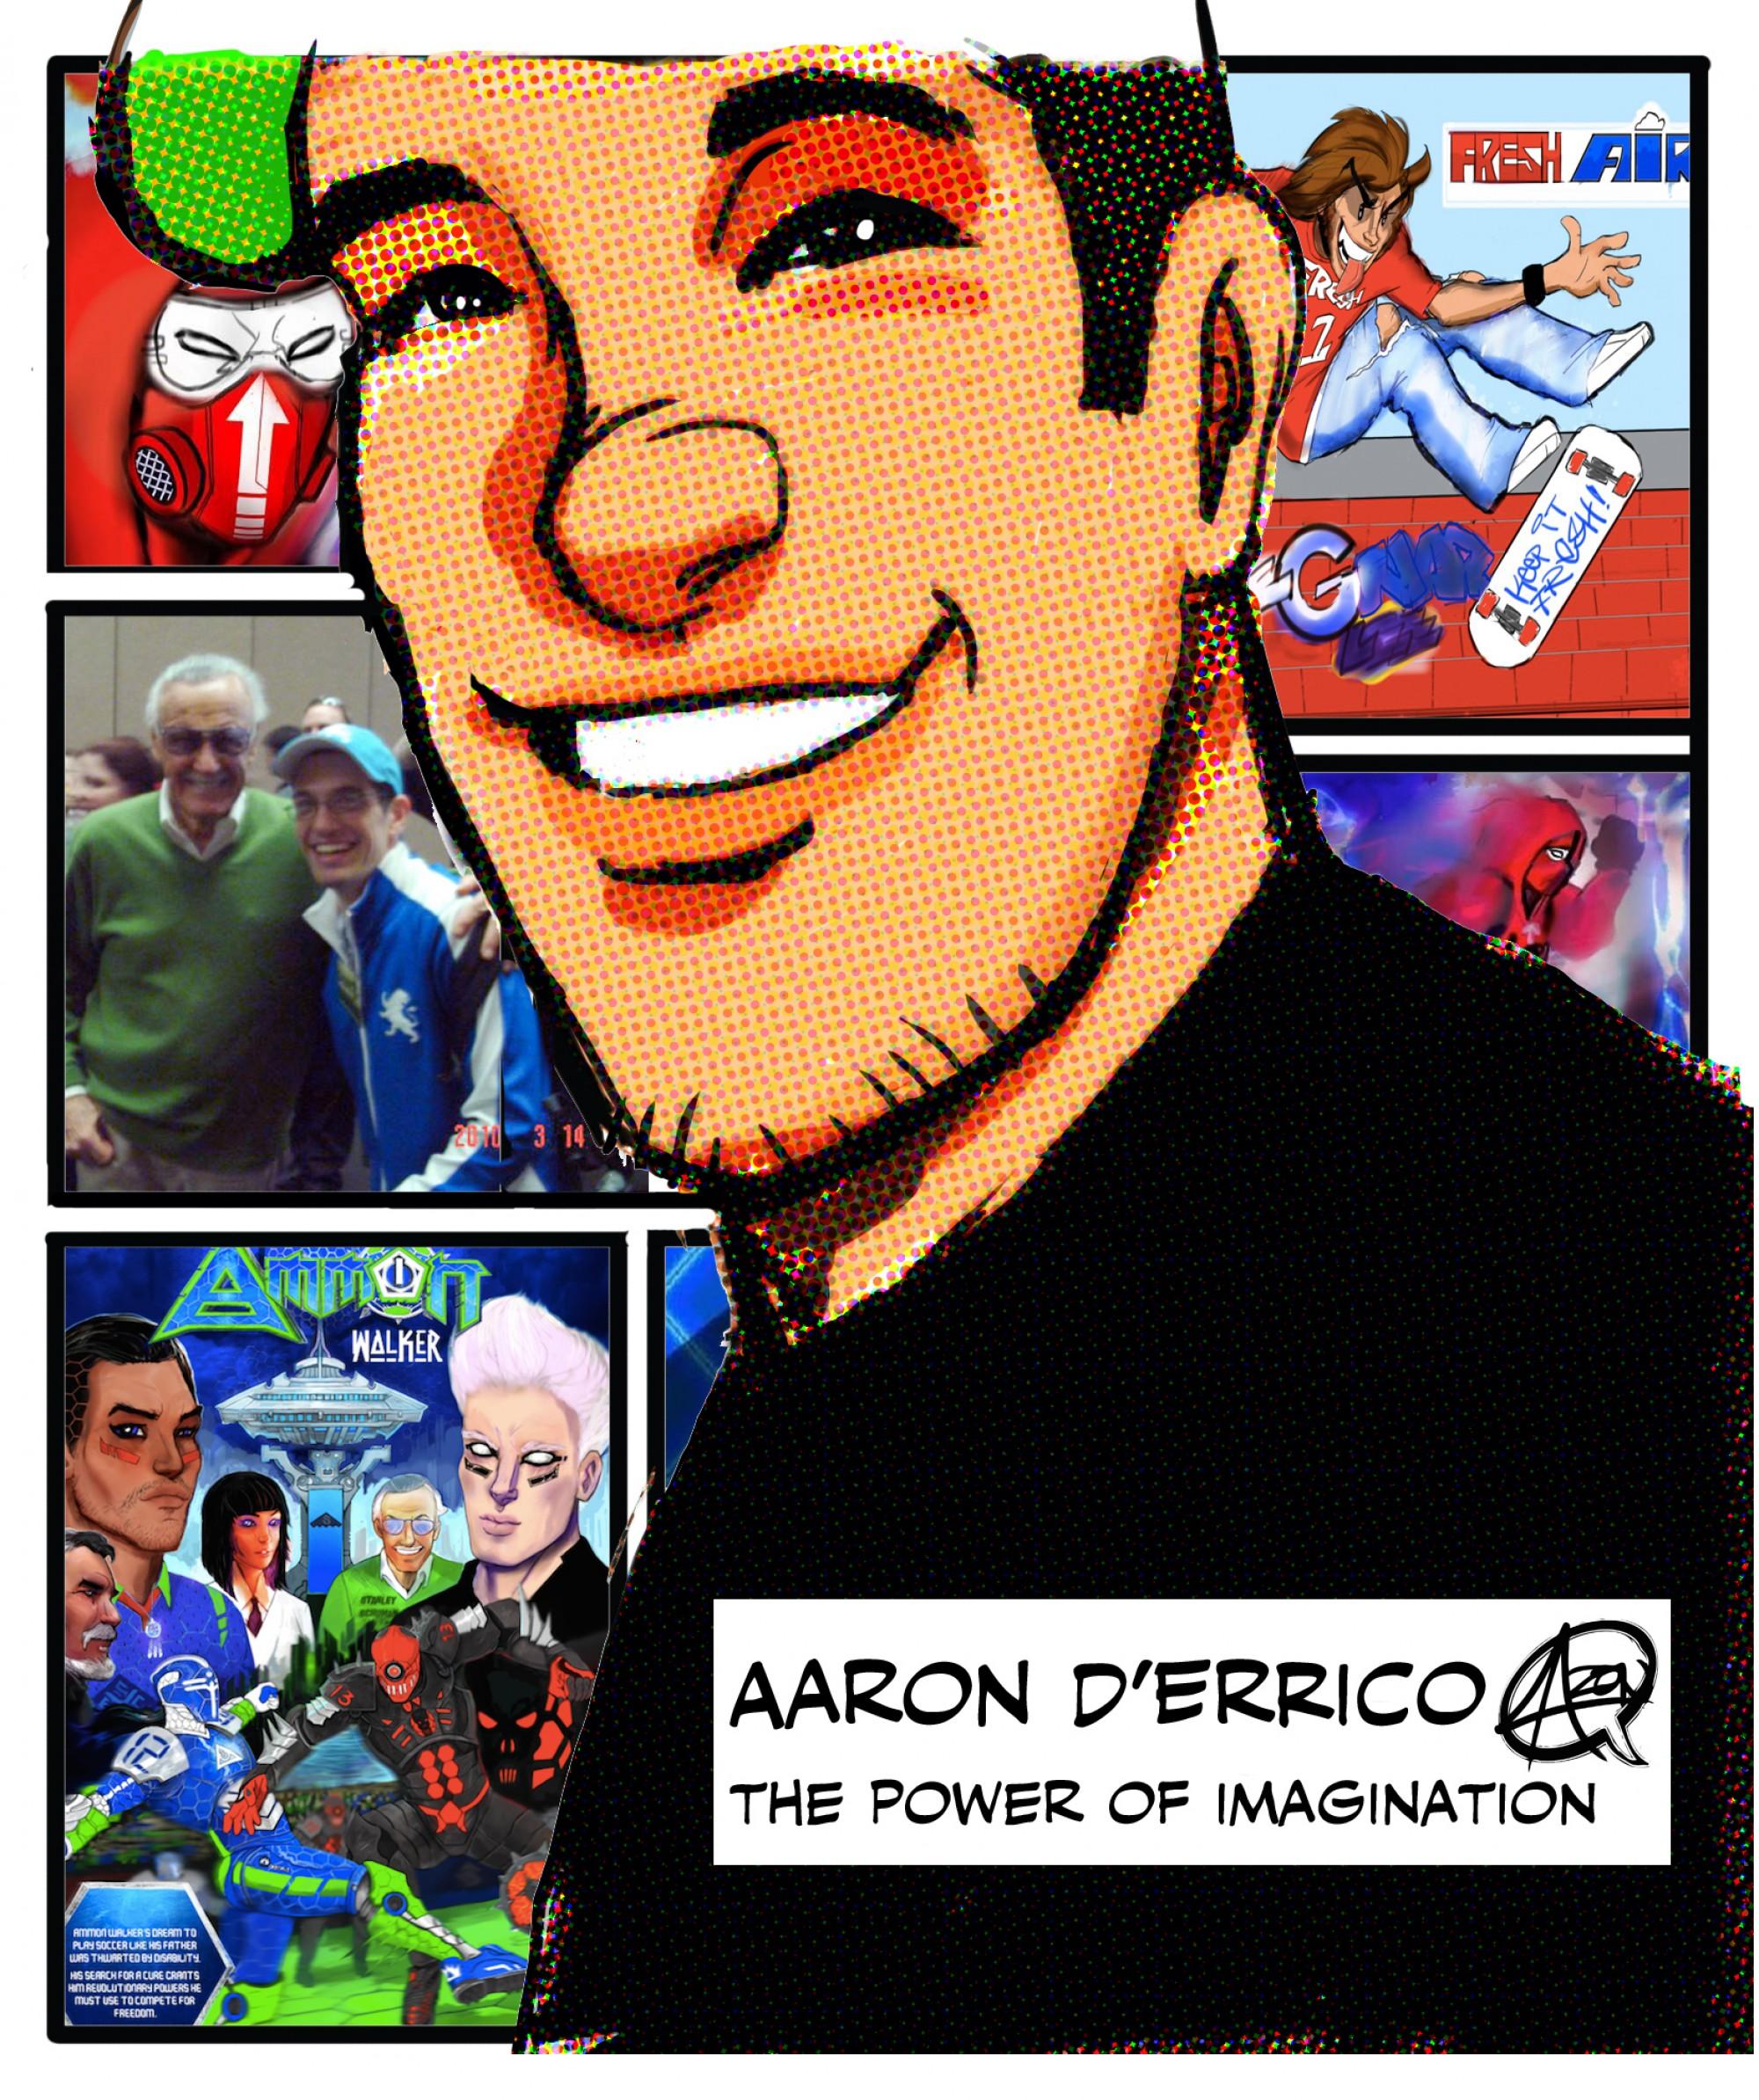 Aaron D'Errico